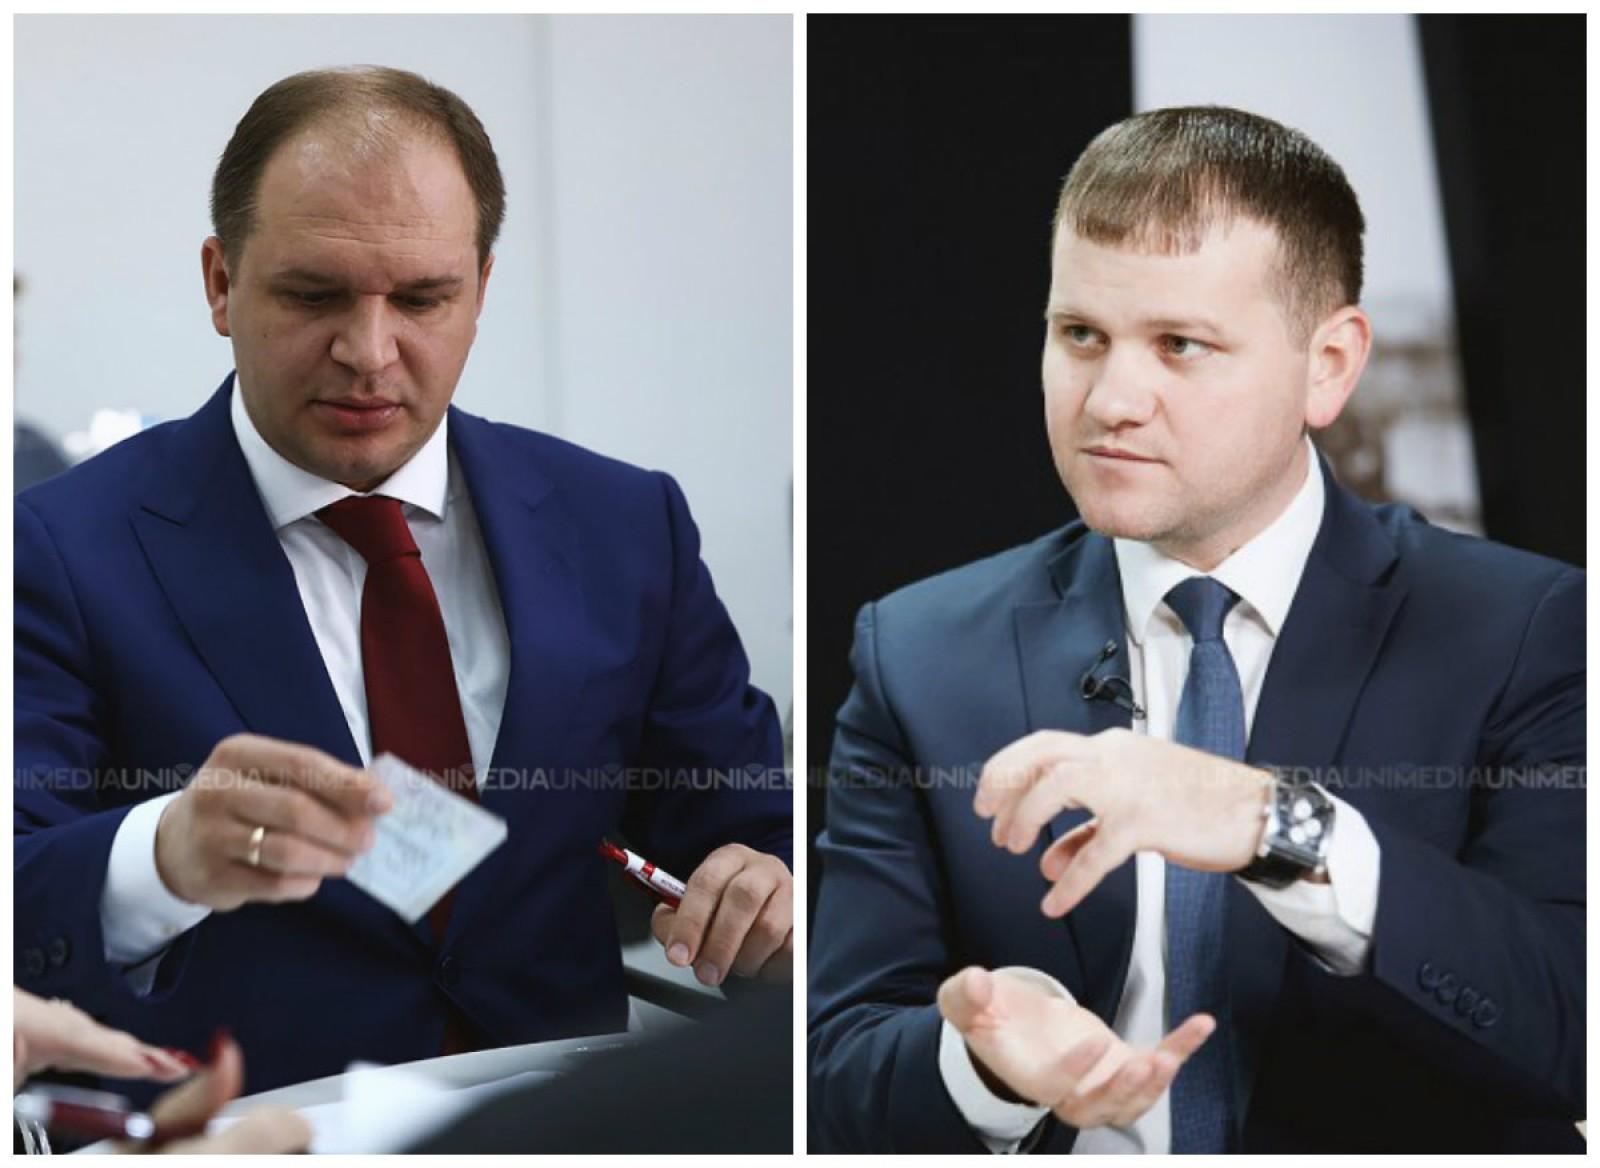 """Lupta electorală continuă. Valeriu Munteanu consideră înregistrarea lui Ceban """"supersonică"""". Reacția socialistului"""